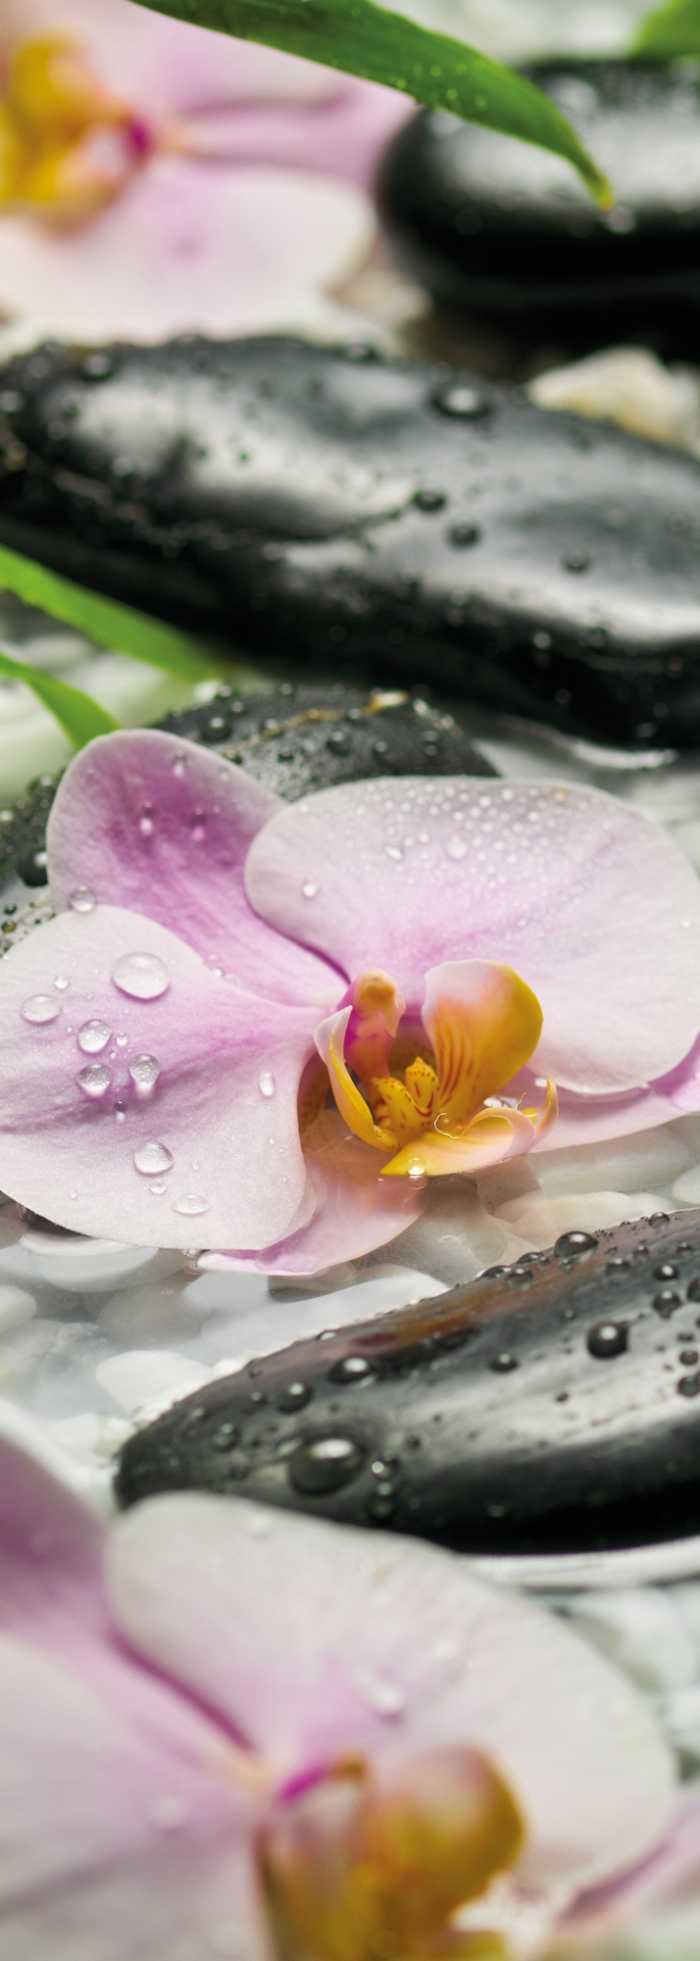 Fototapete Blumen Mit Oder Ohne 3D Effekt Online Kaufen